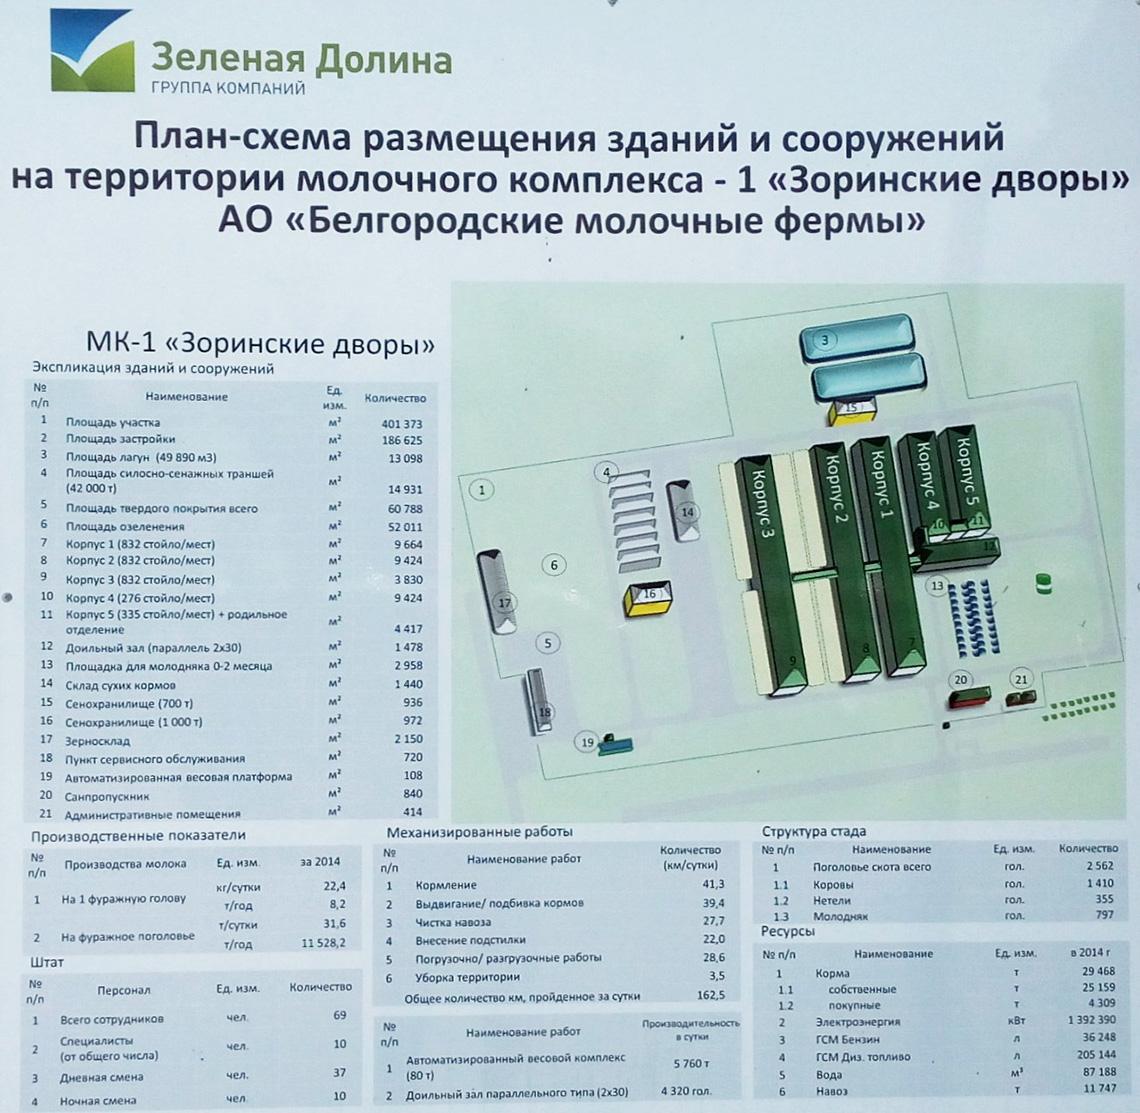 Место установки АМК 51.059433, 36.316662